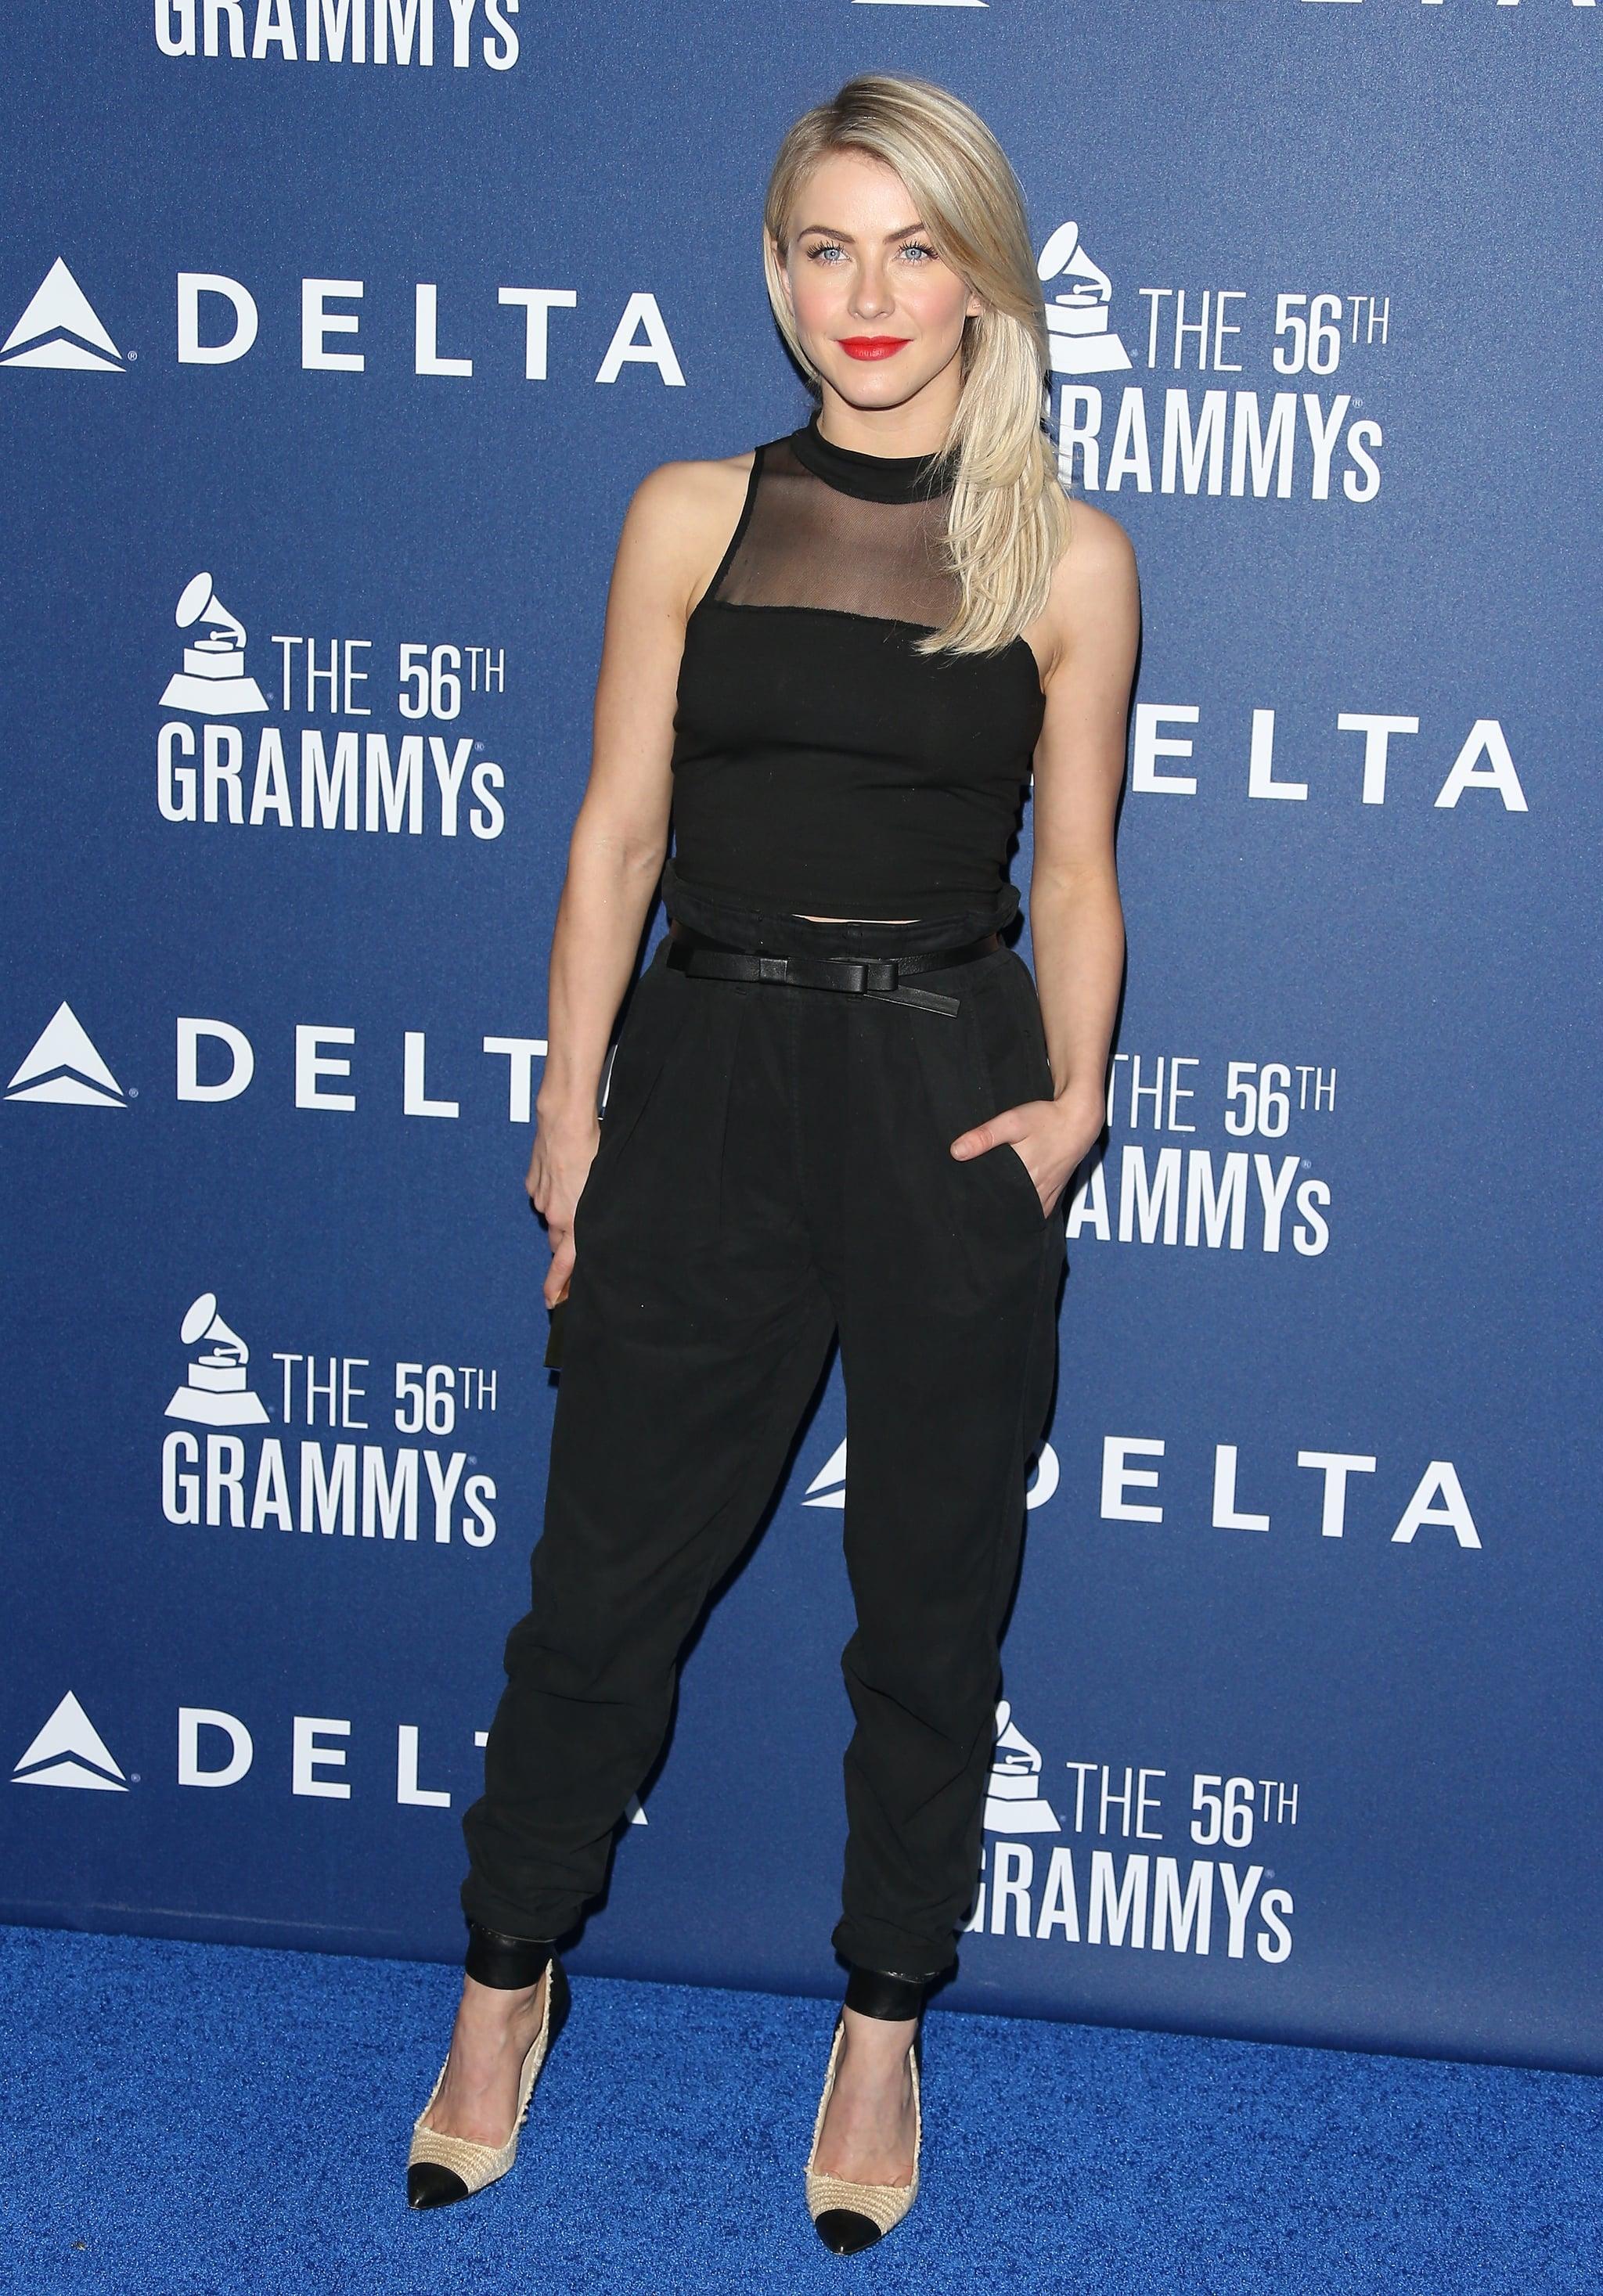 Julianne Hough at Delta's Grammy Weekend Reception